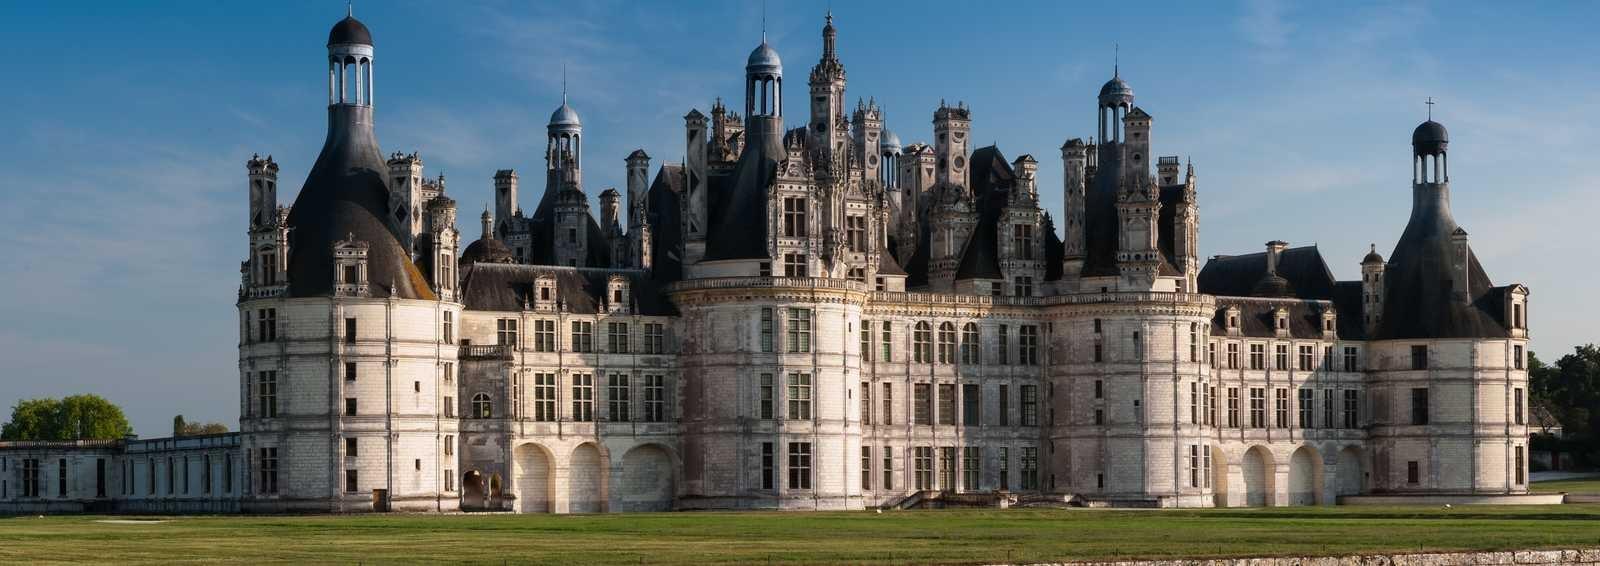 Chateau at Chambord, France